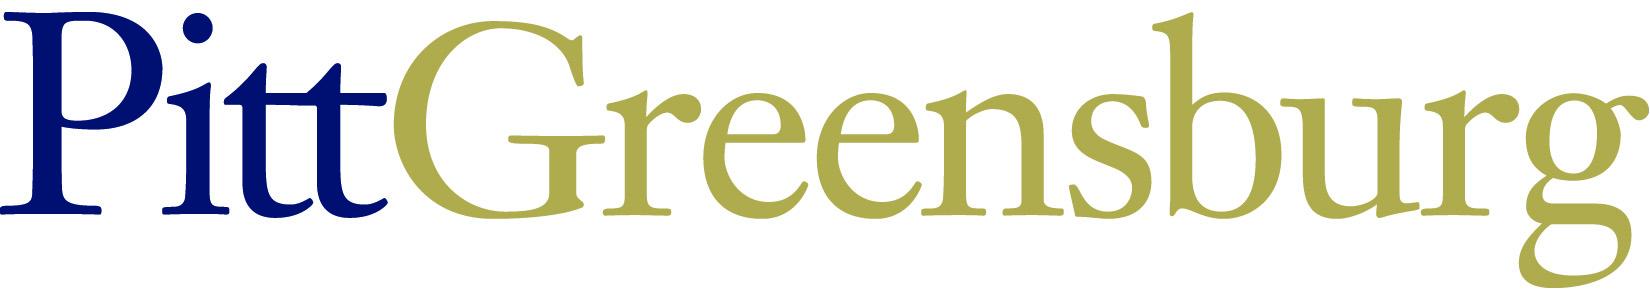 PITT-Greensburg logo